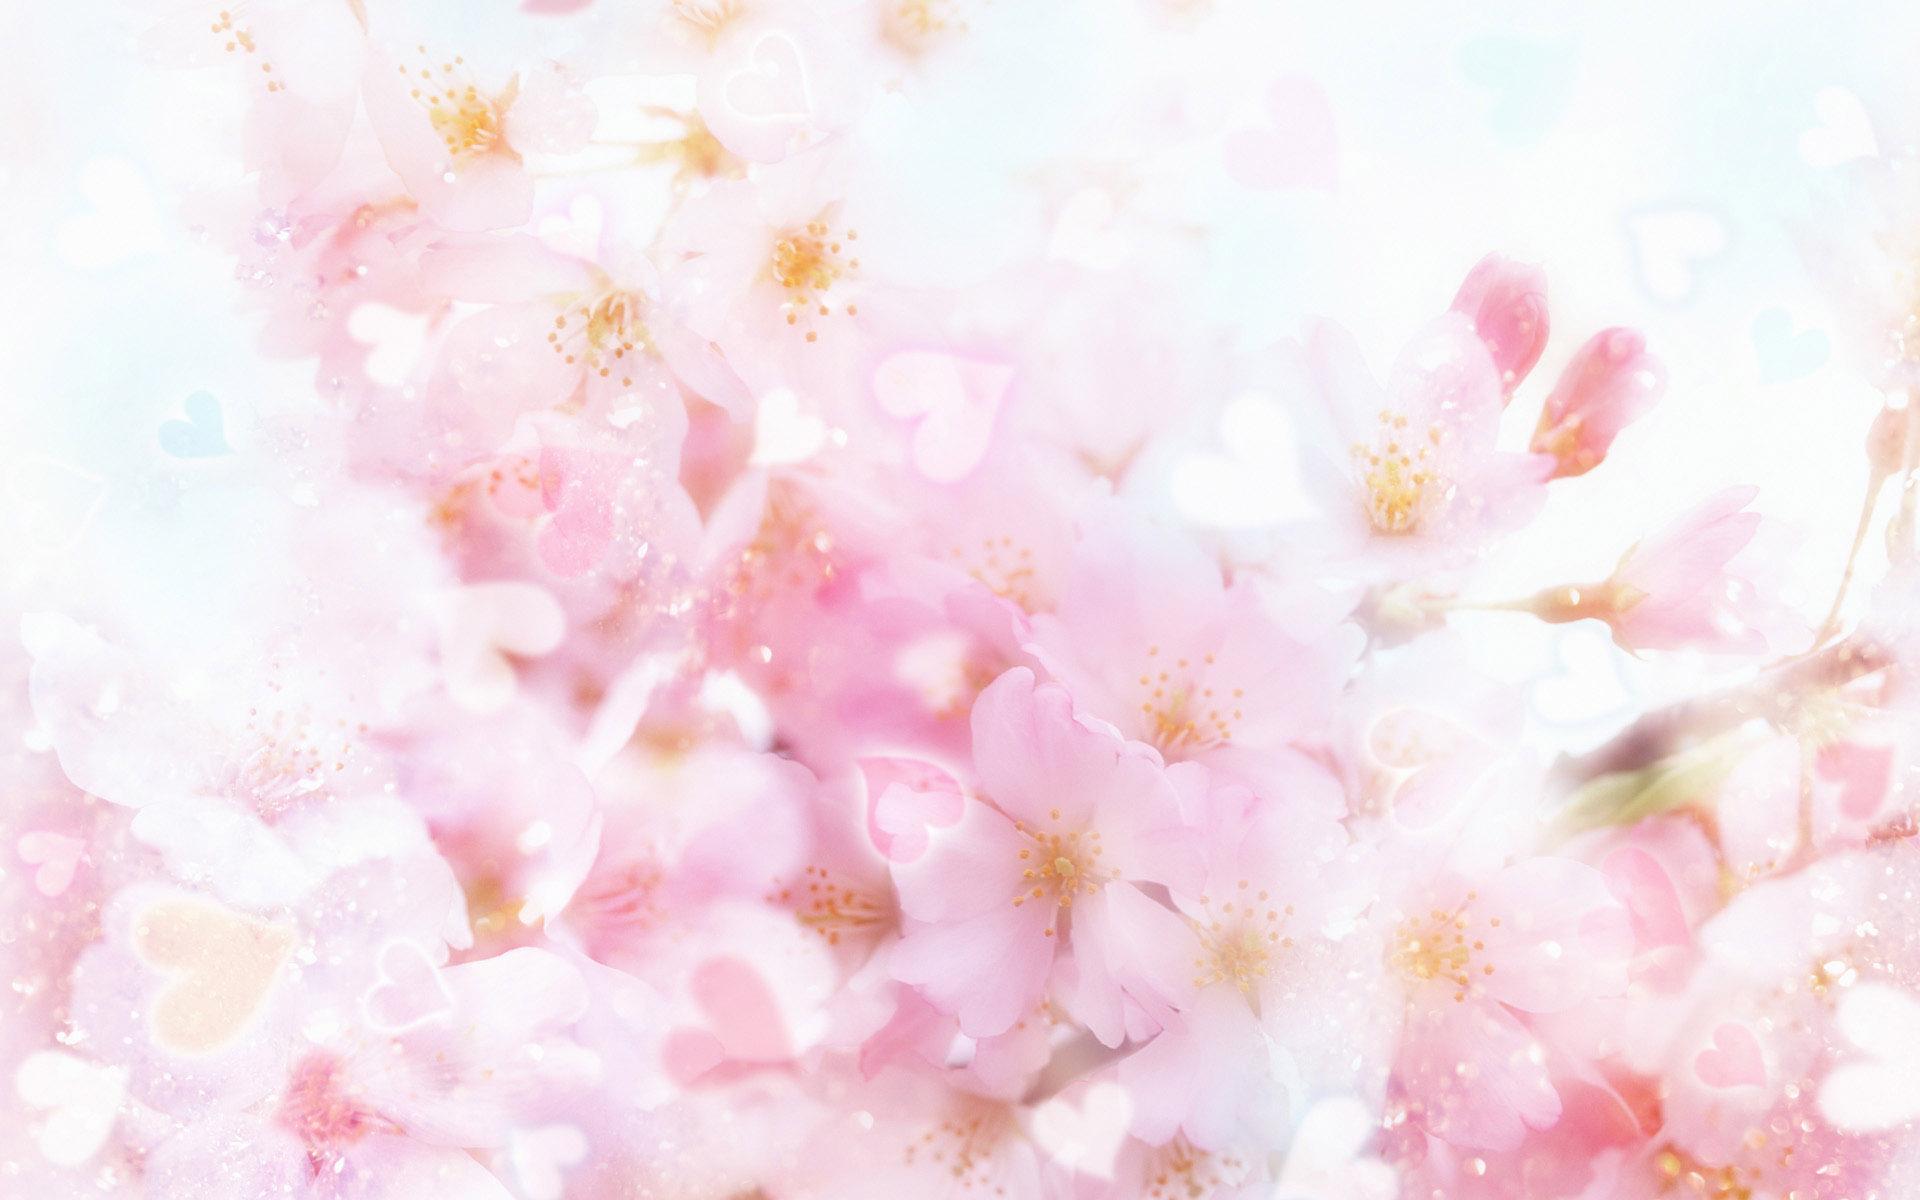 Фоны для фото с цветами